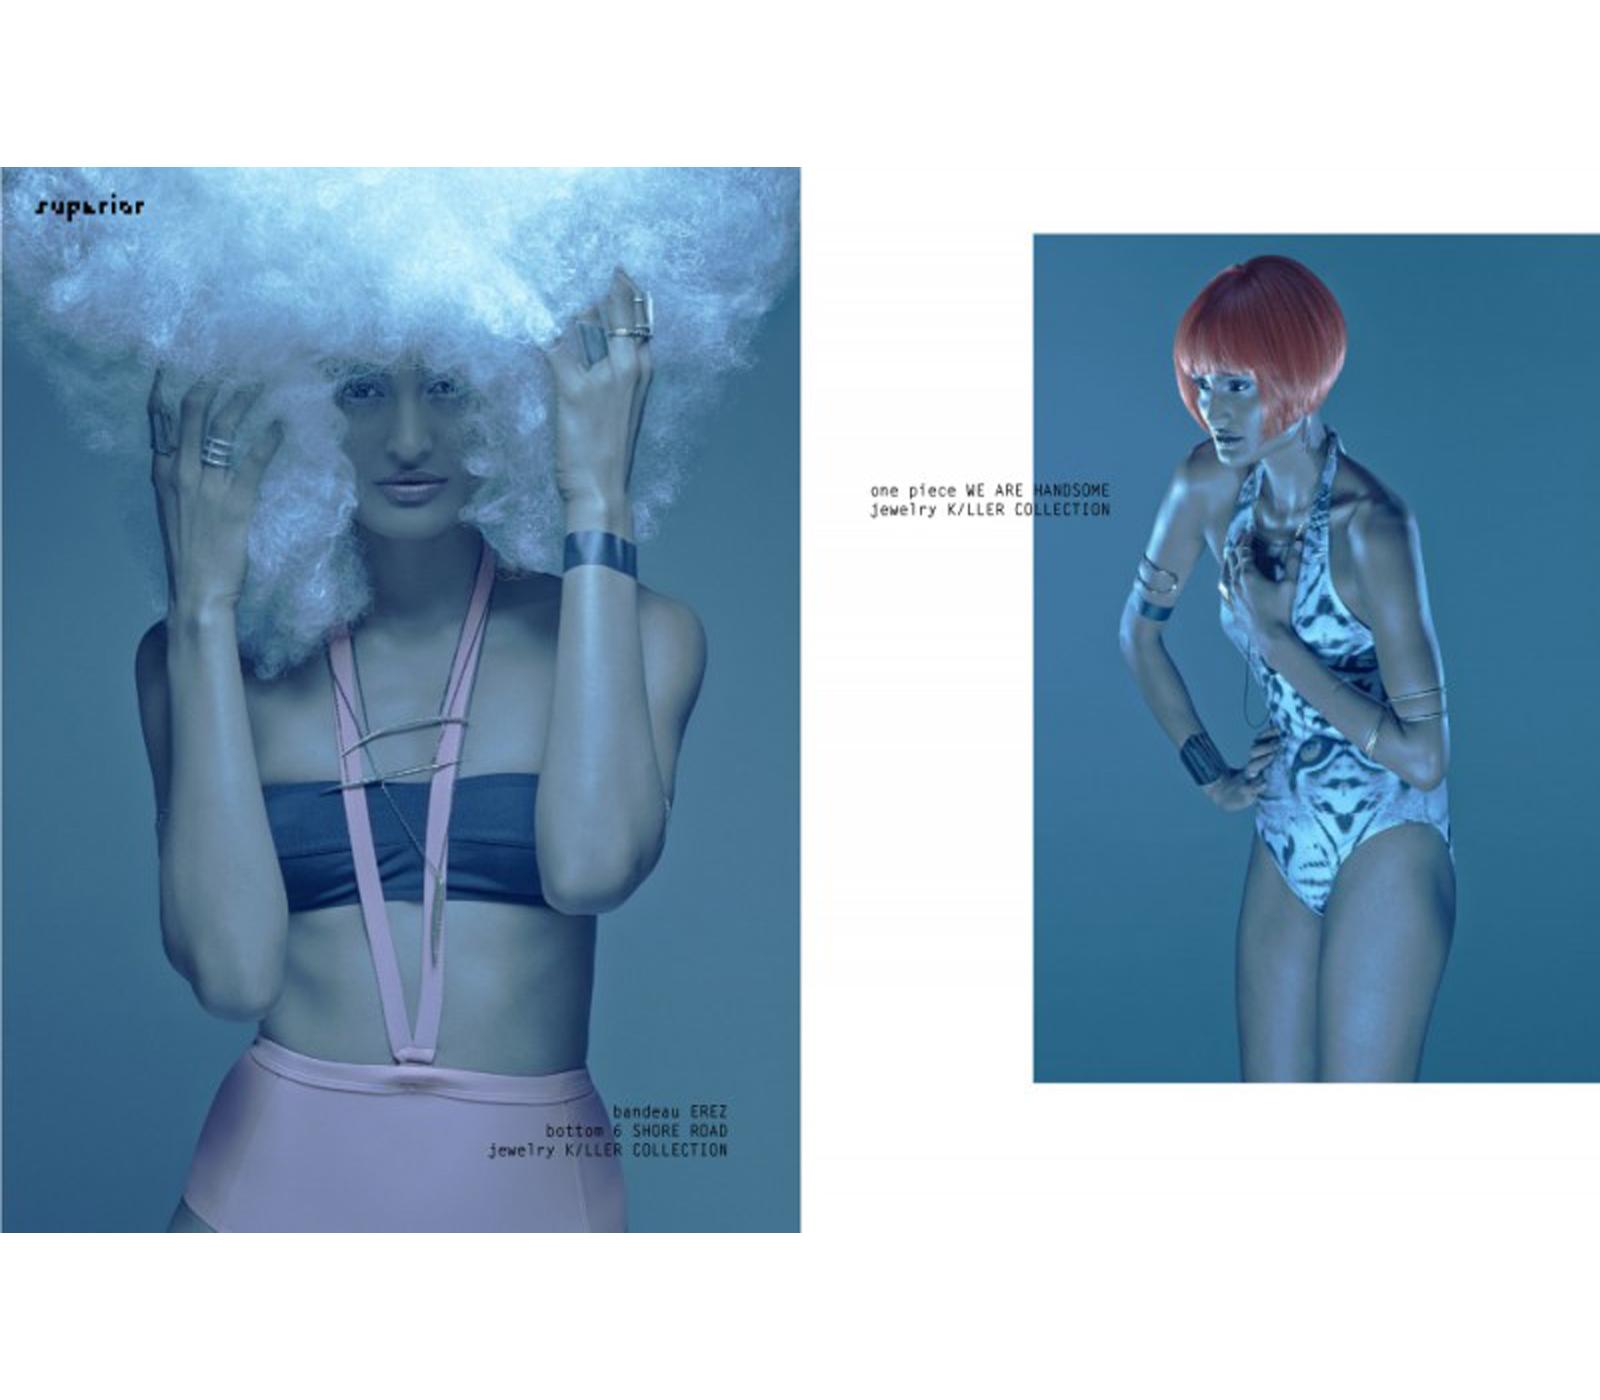 blue-summer-3-copy-800x533 copy.png